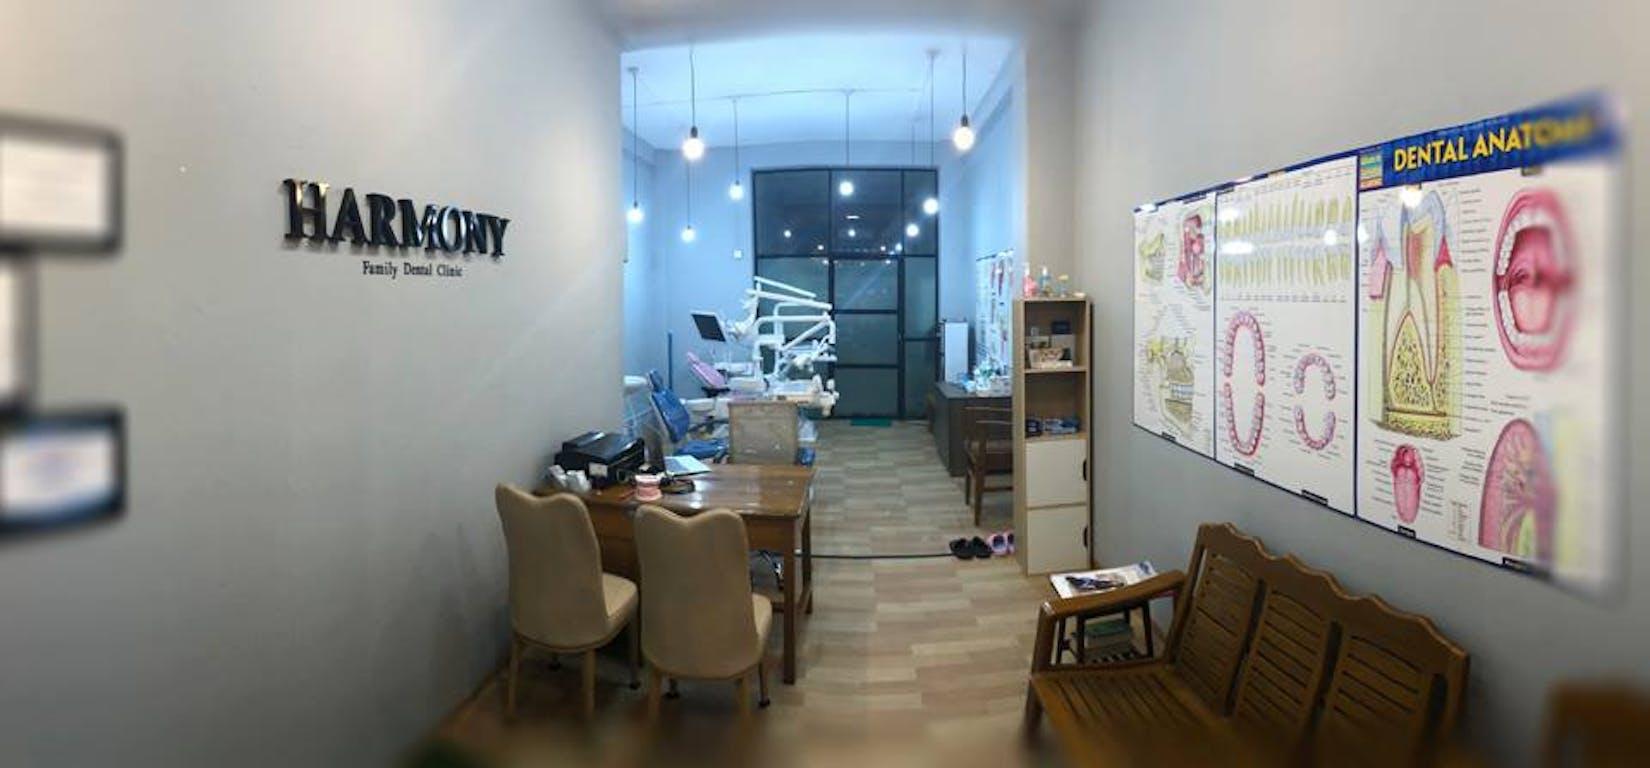 Harmony Family Dental Clinic | Beauty